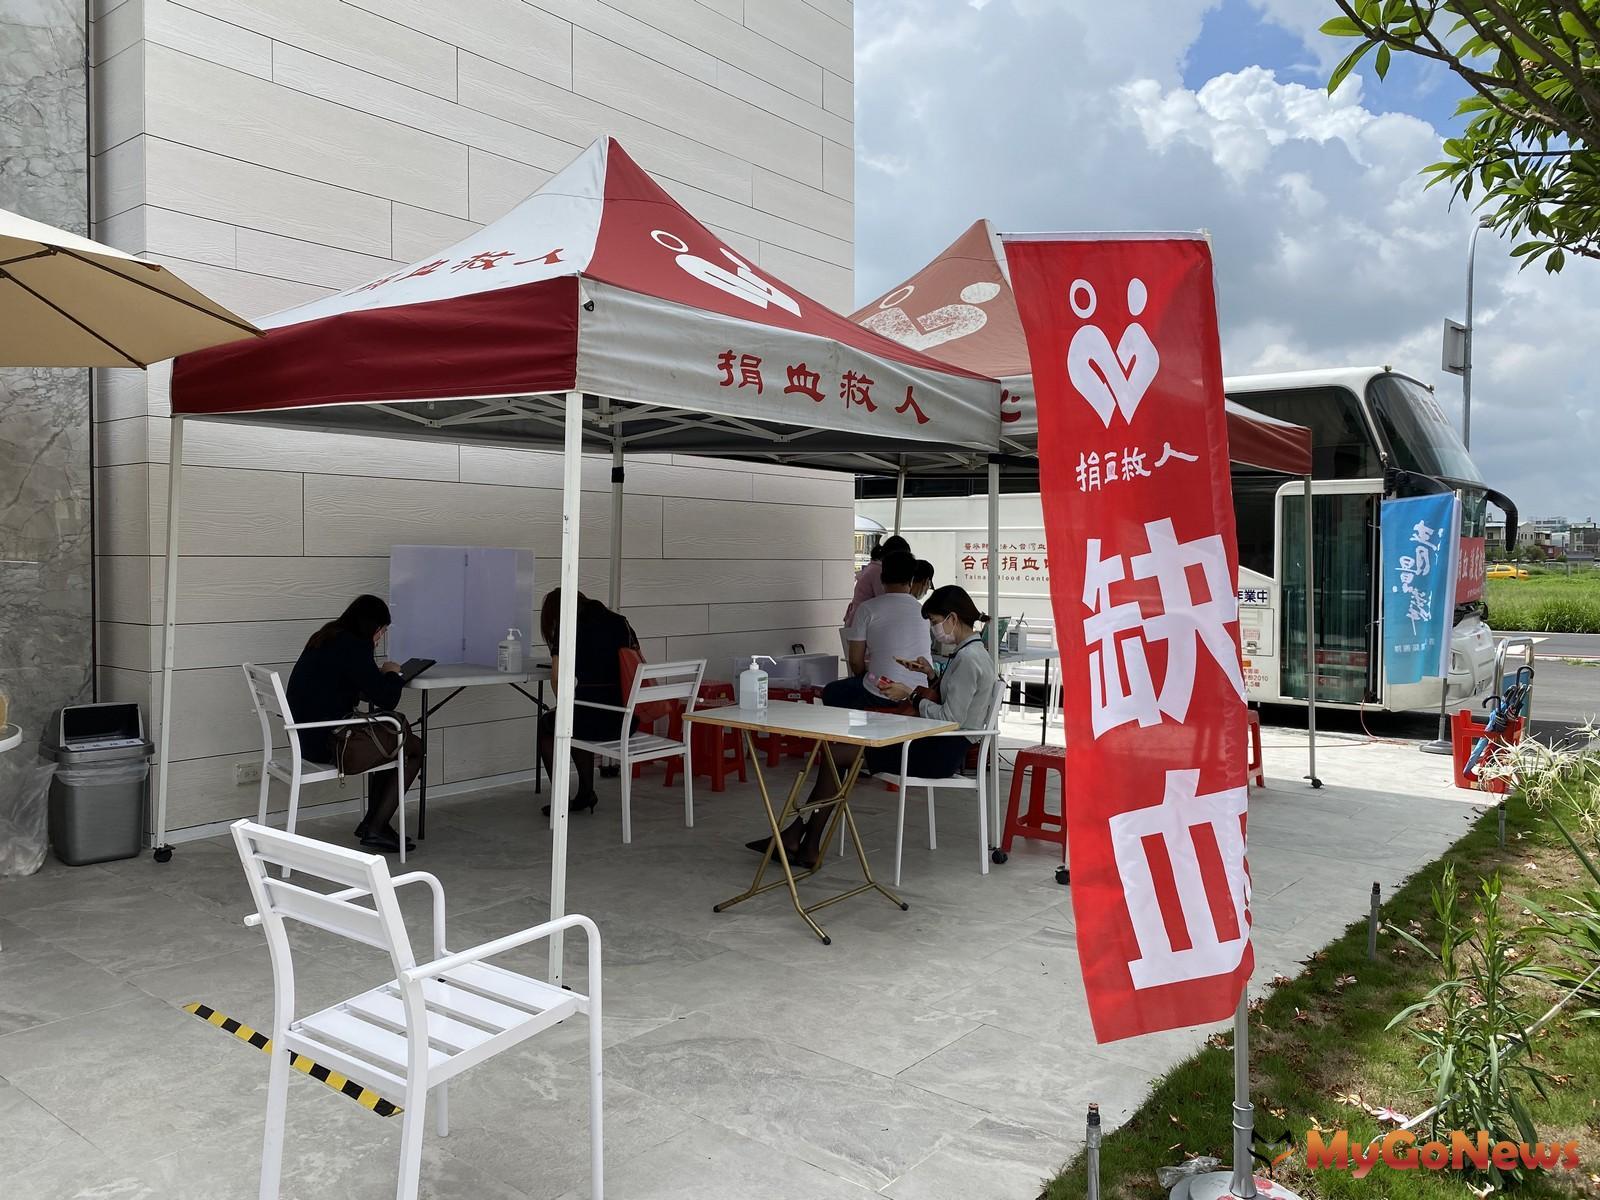 清景麟企業就主動聯繫可以讓員工響應,甚至還讓員工從嘉義,台南, 高雄一起來,並做好分流規劃,覺得十分暖心。(圖/清景麟建築團隊)  MyGoNews房地產新聞 市場快訊